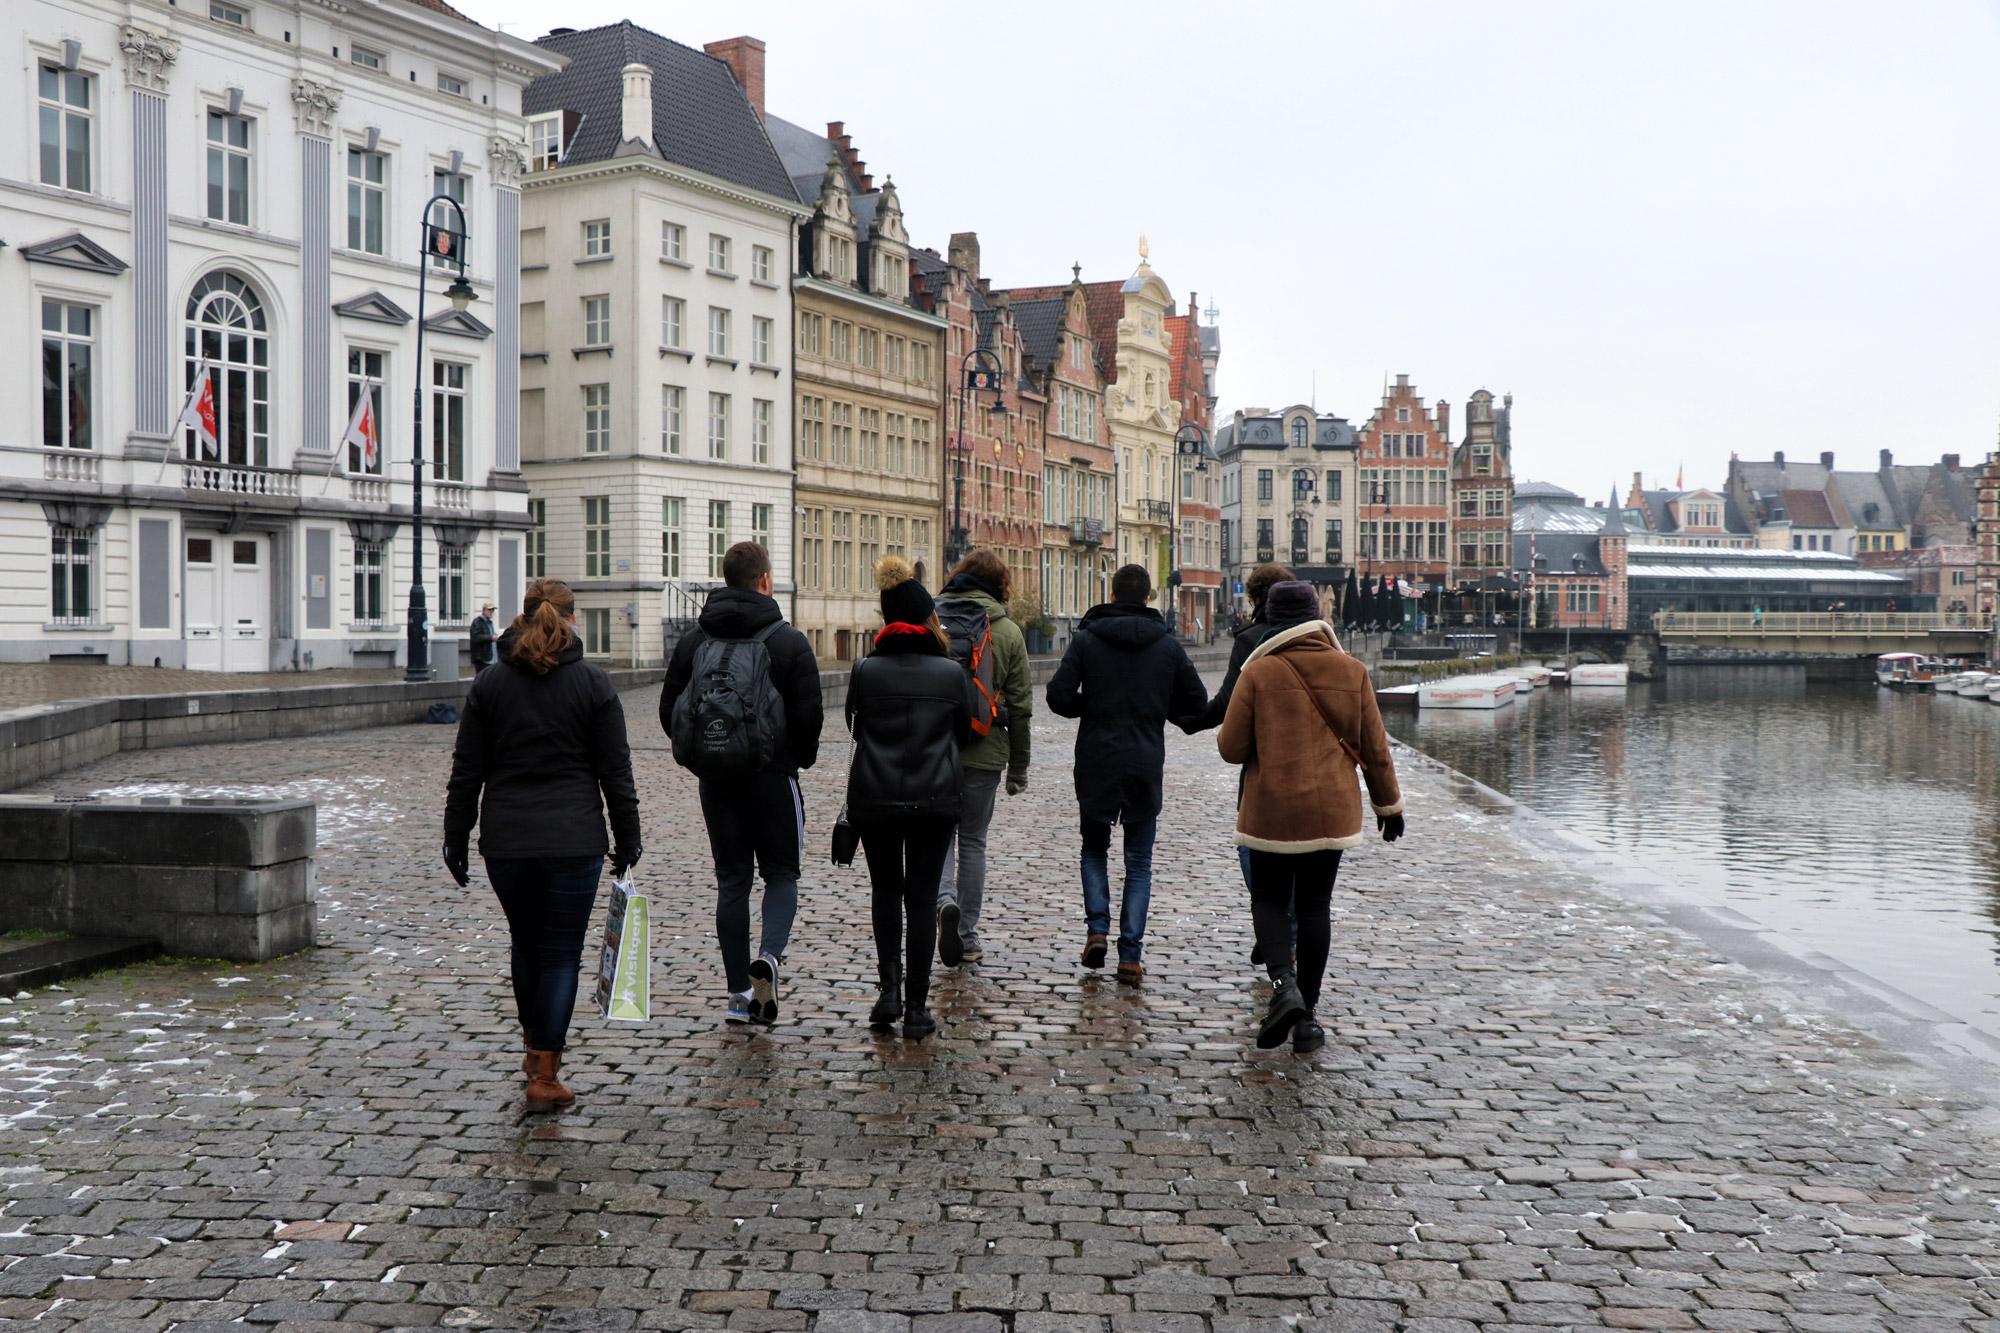 Mijn tips voor Gent - Gratis stadswandeling